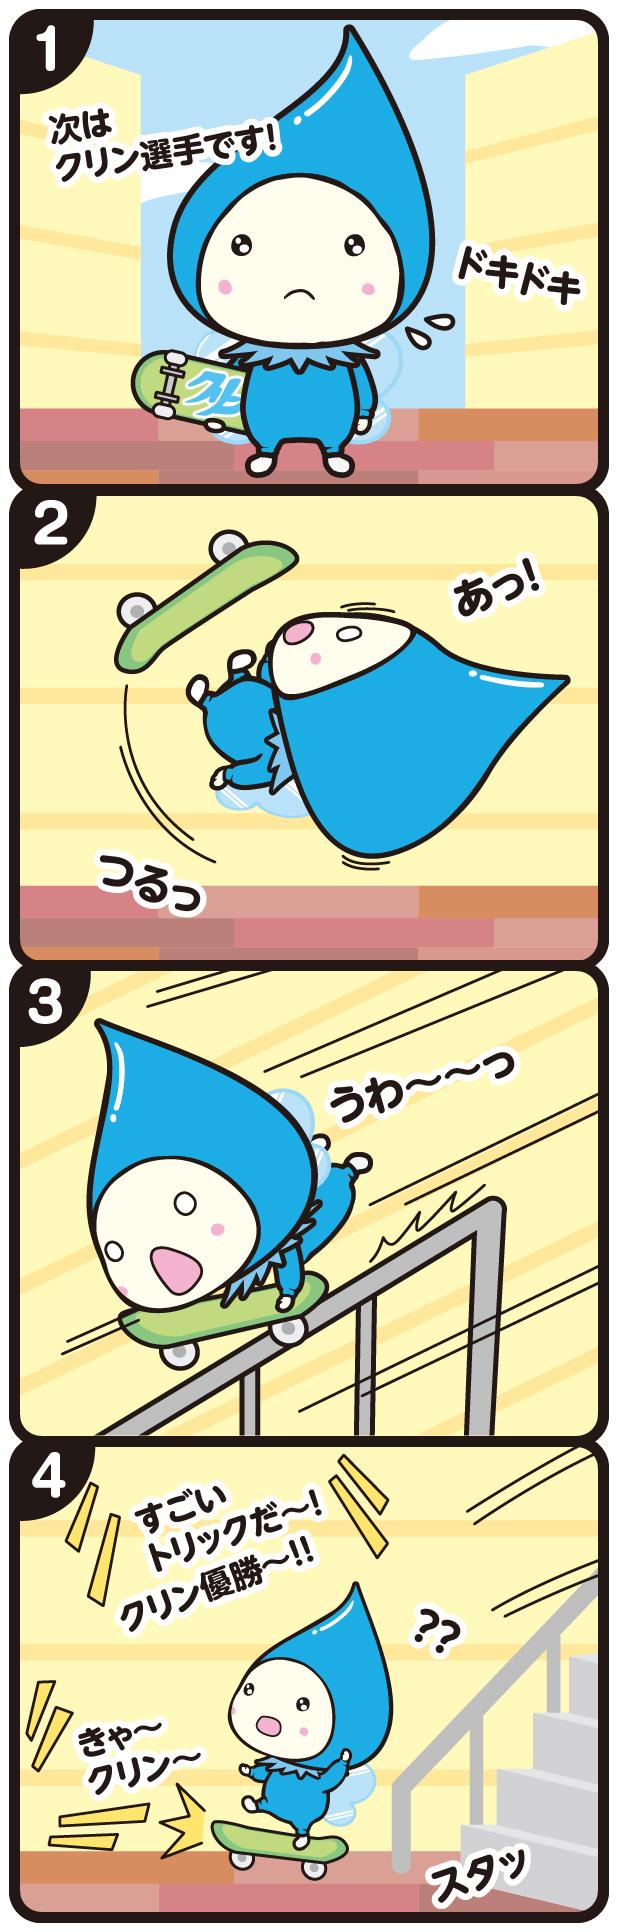 comic_280_2